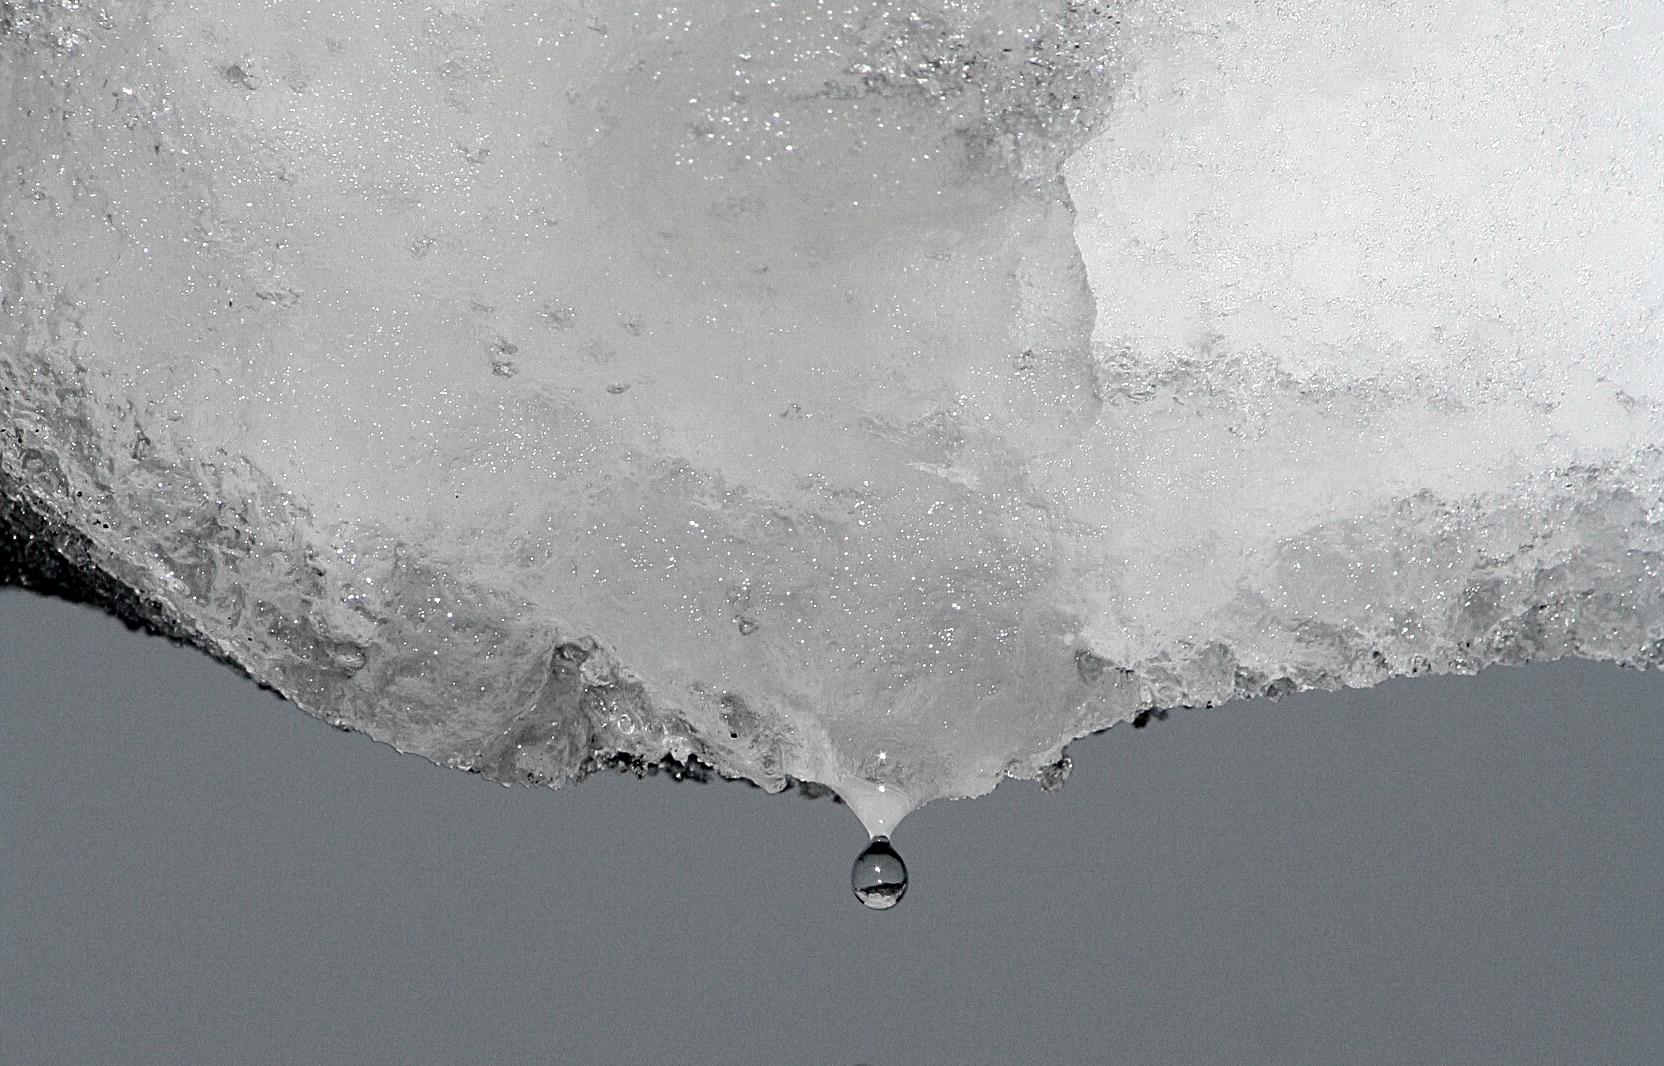 schmelzender schnee